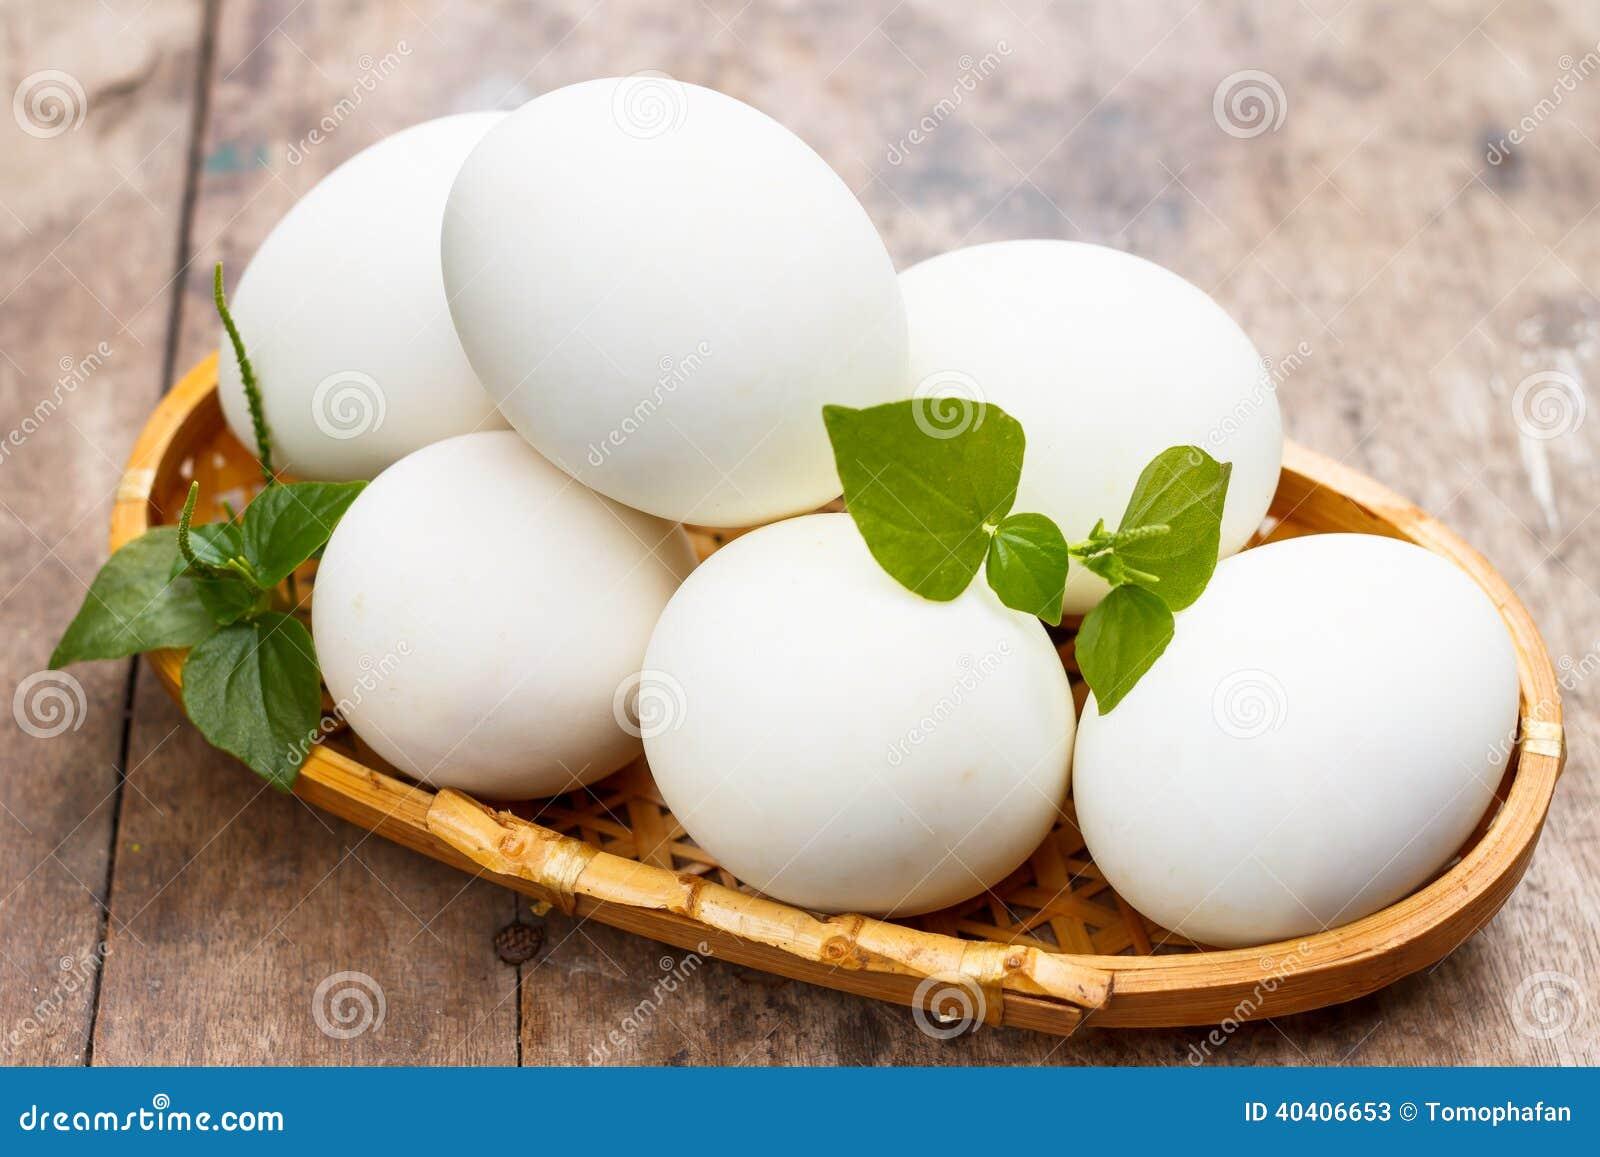 在木桌上的白鸡蛋.图片